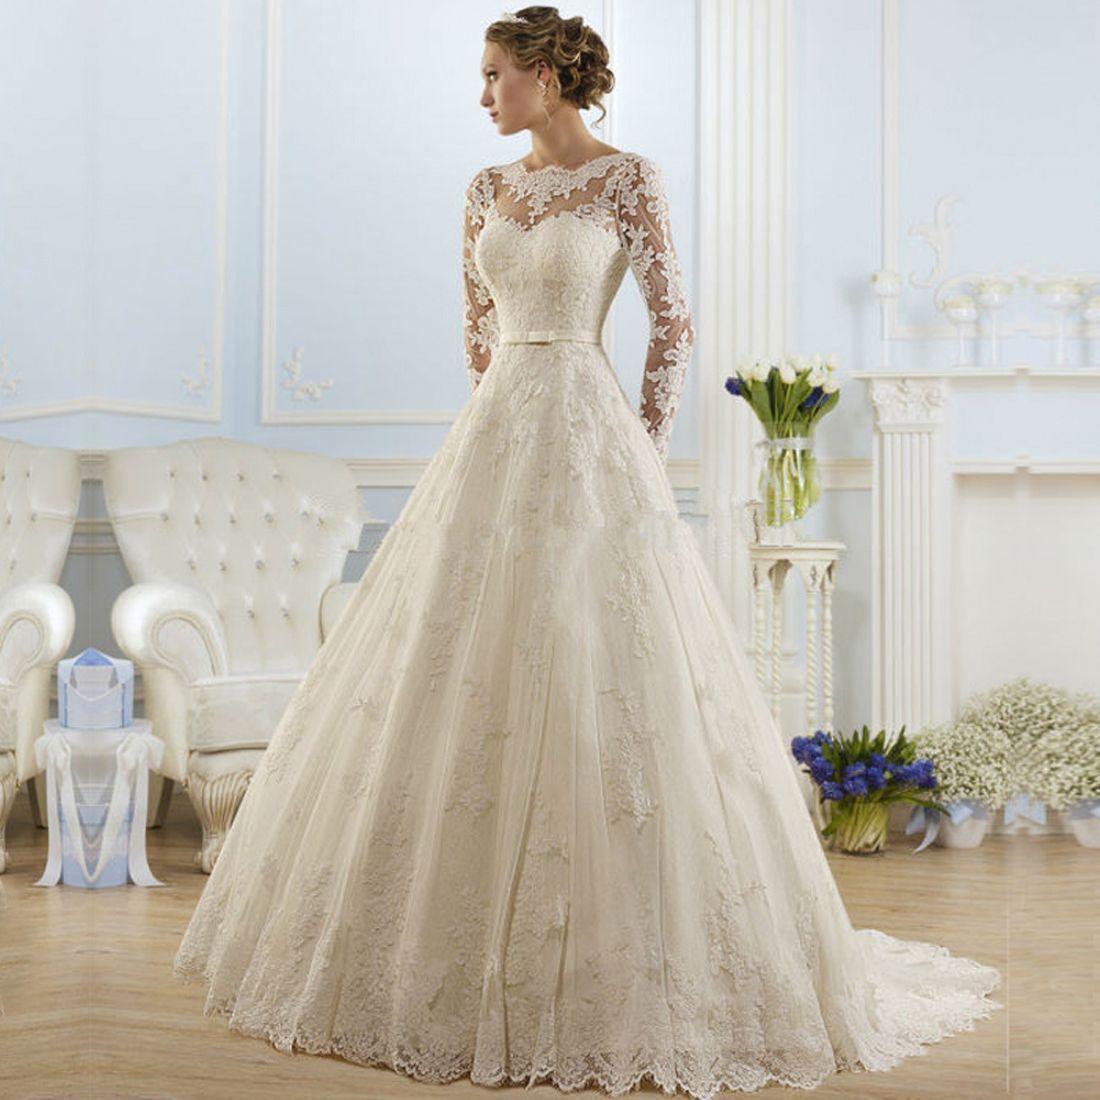 Long sleeve ivory wedding dress  Long sleeve Lace Whiteivory Wedding dress Bridal Gown Stock size